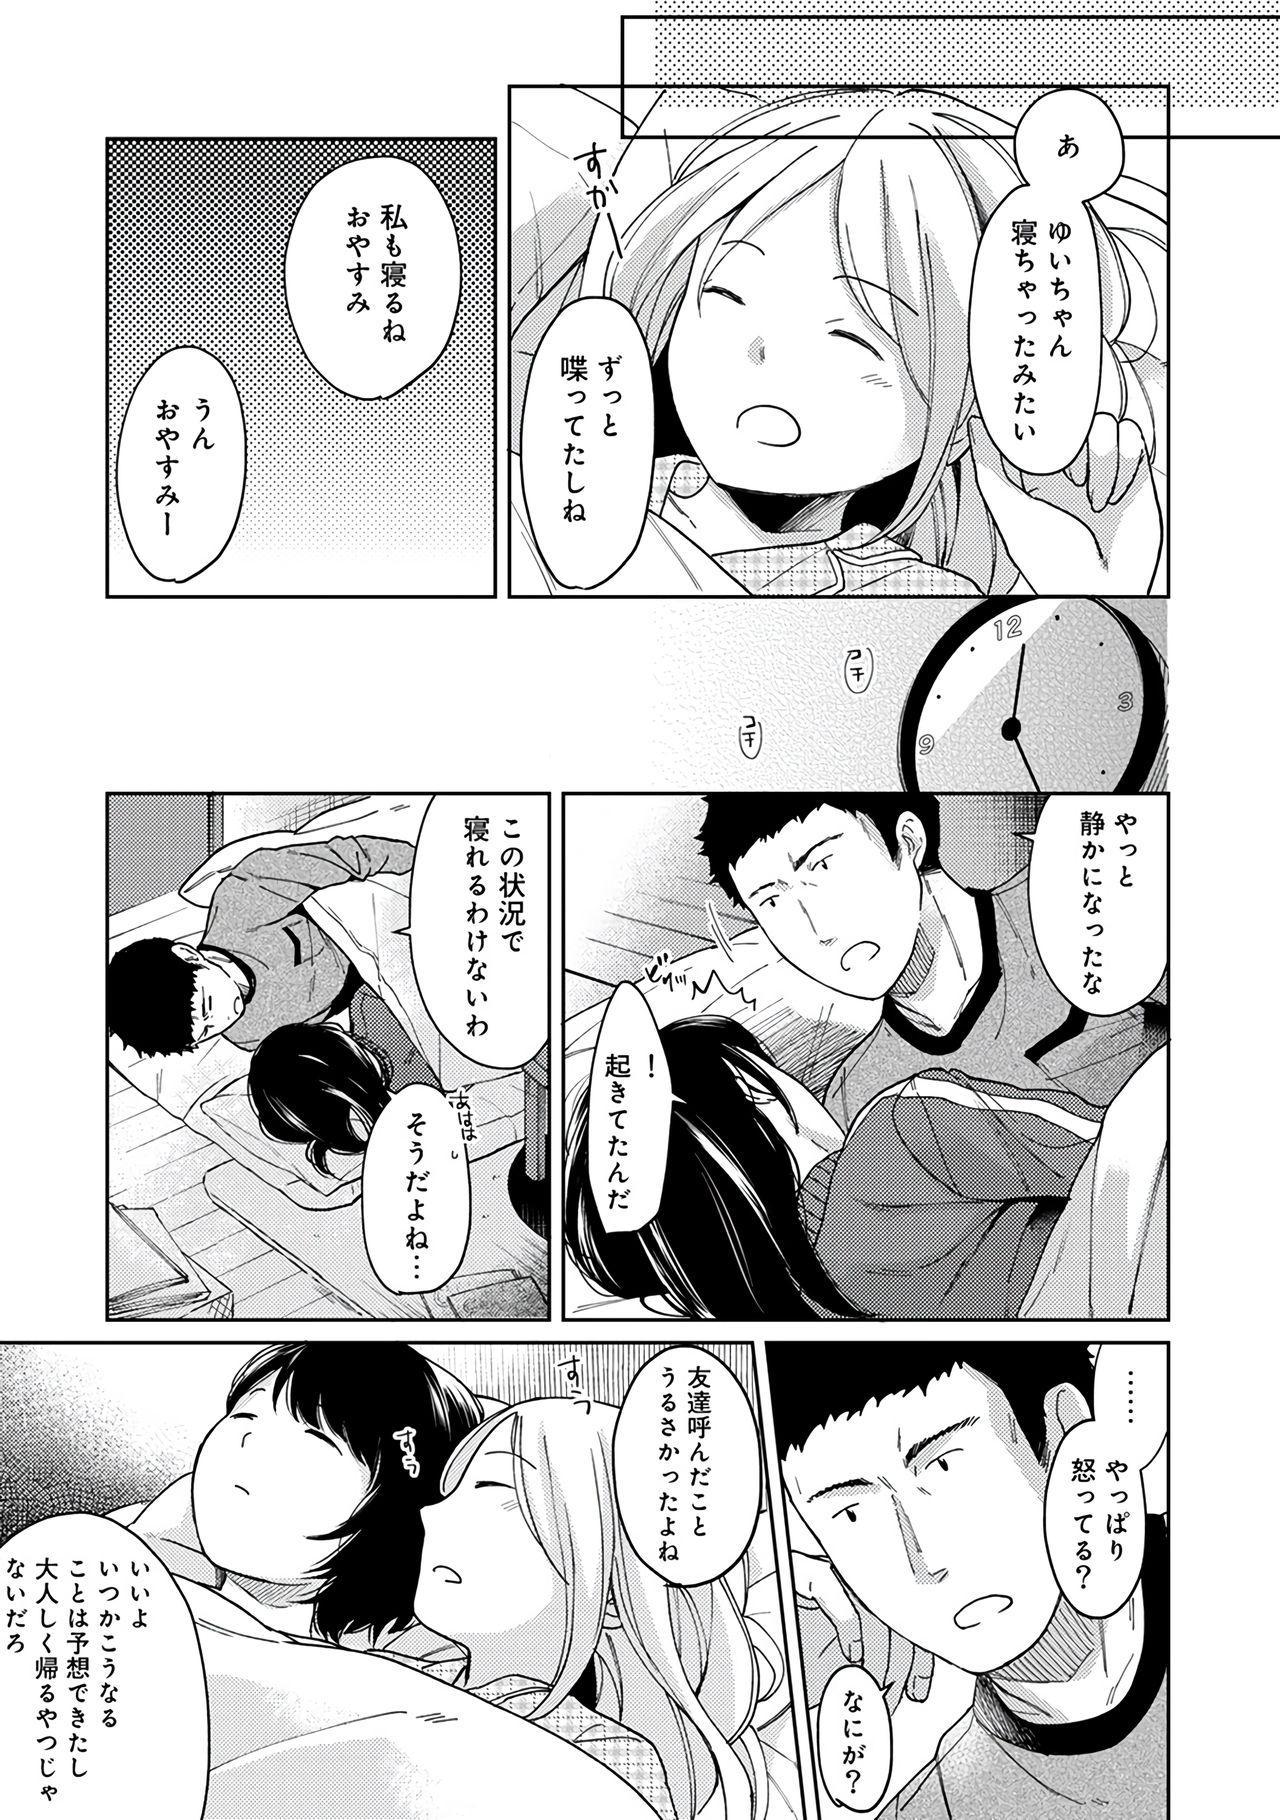 1LDK+JK Ikinari Doukyo? Micchaku!? Hatsu Ecchi!!? Vol.2 92